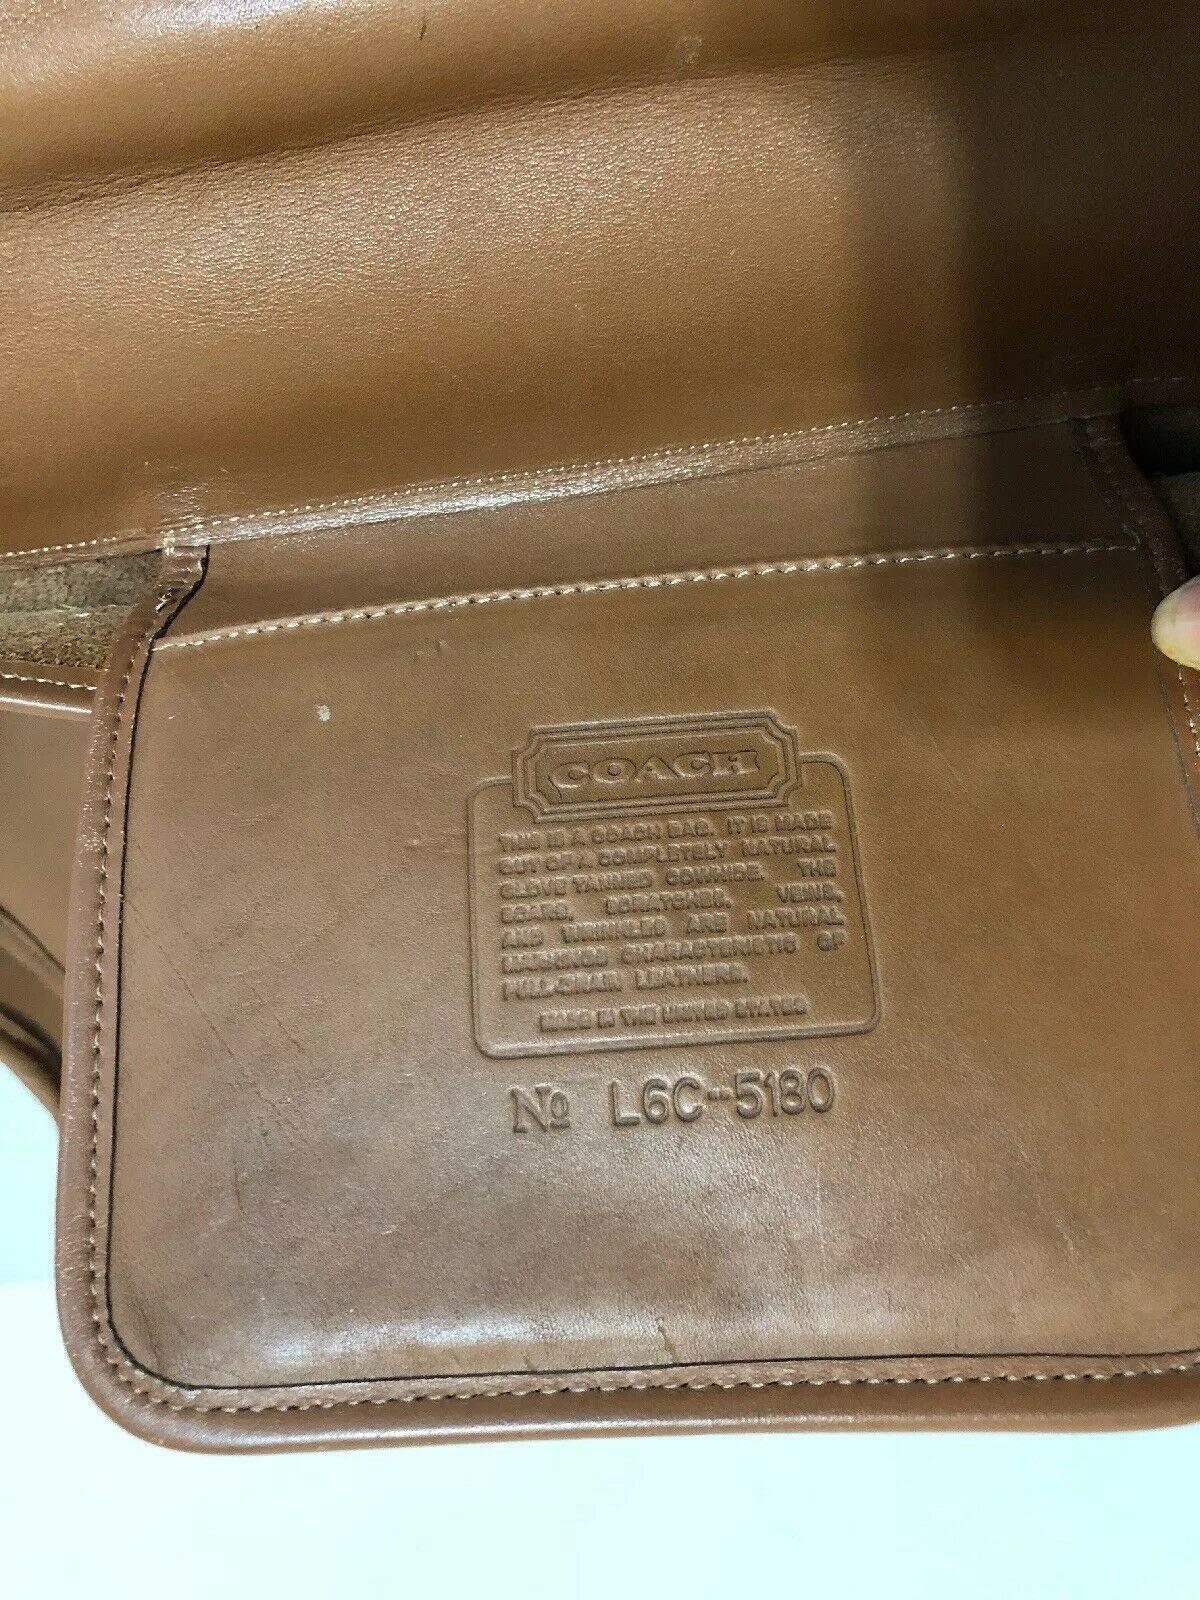 Vintage COACH L6C- 5180 Metropolitan Leather Messenger Attache Tan image 11